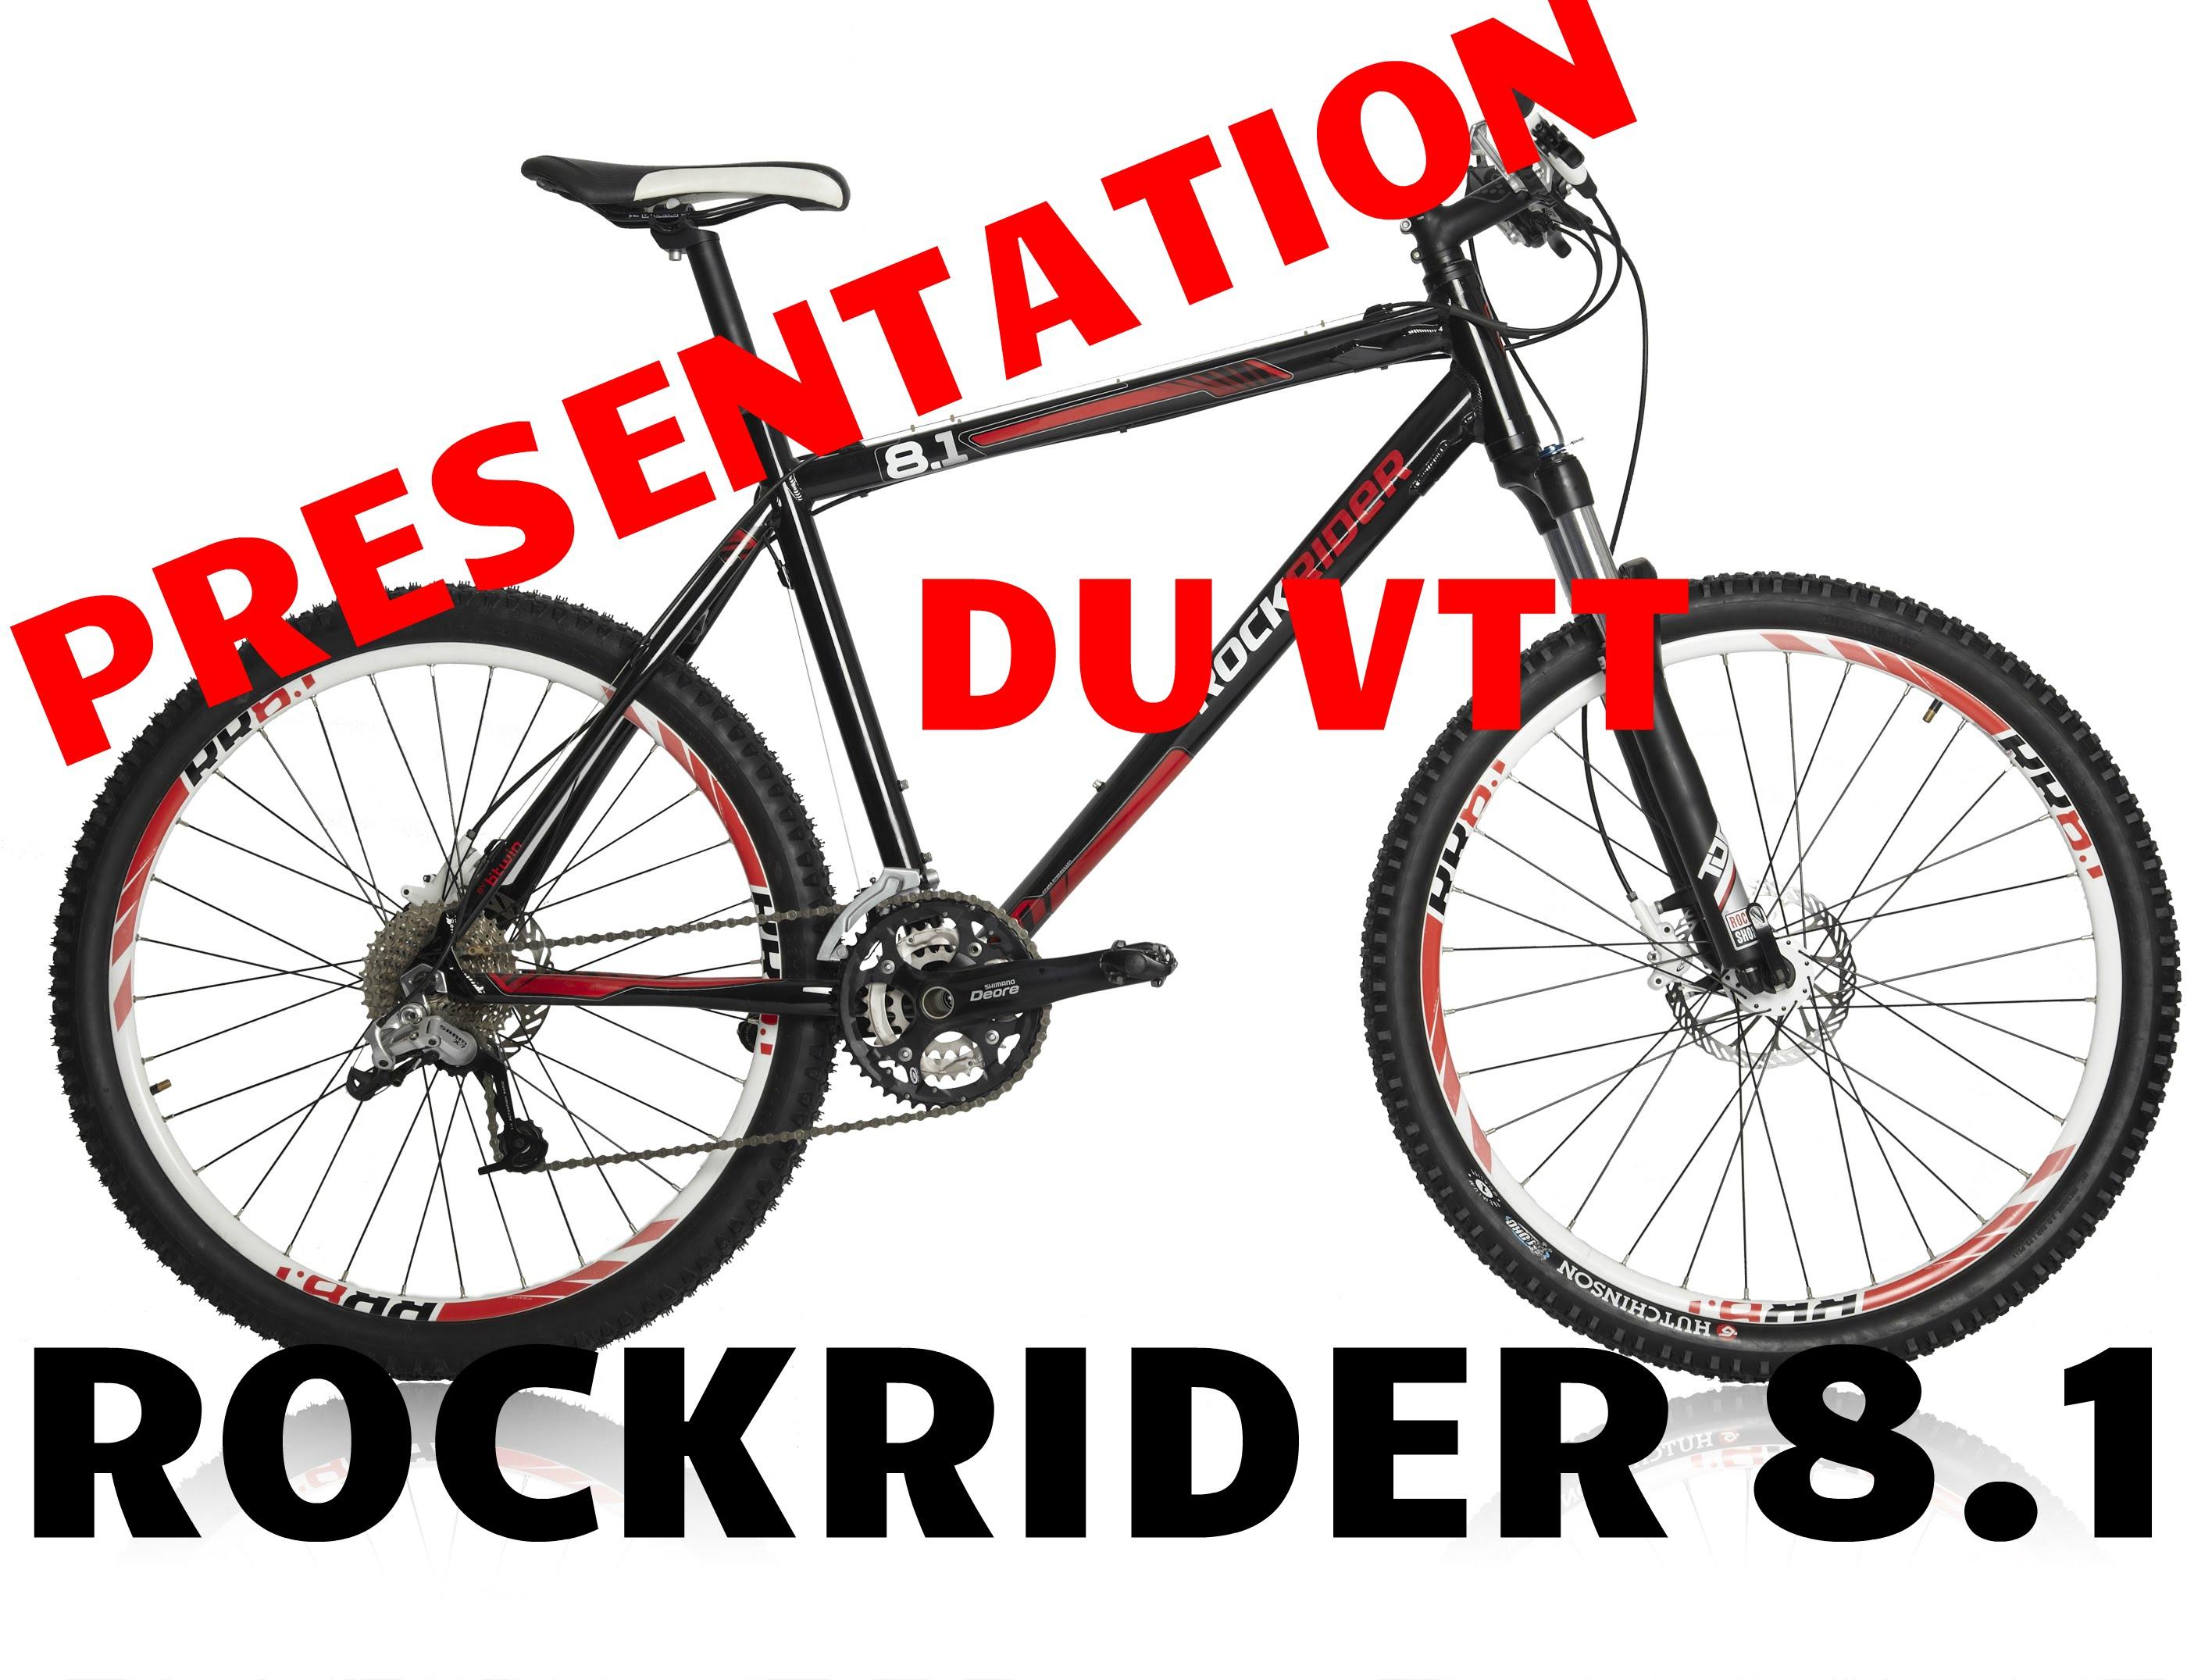 vtt rockrider 8.1